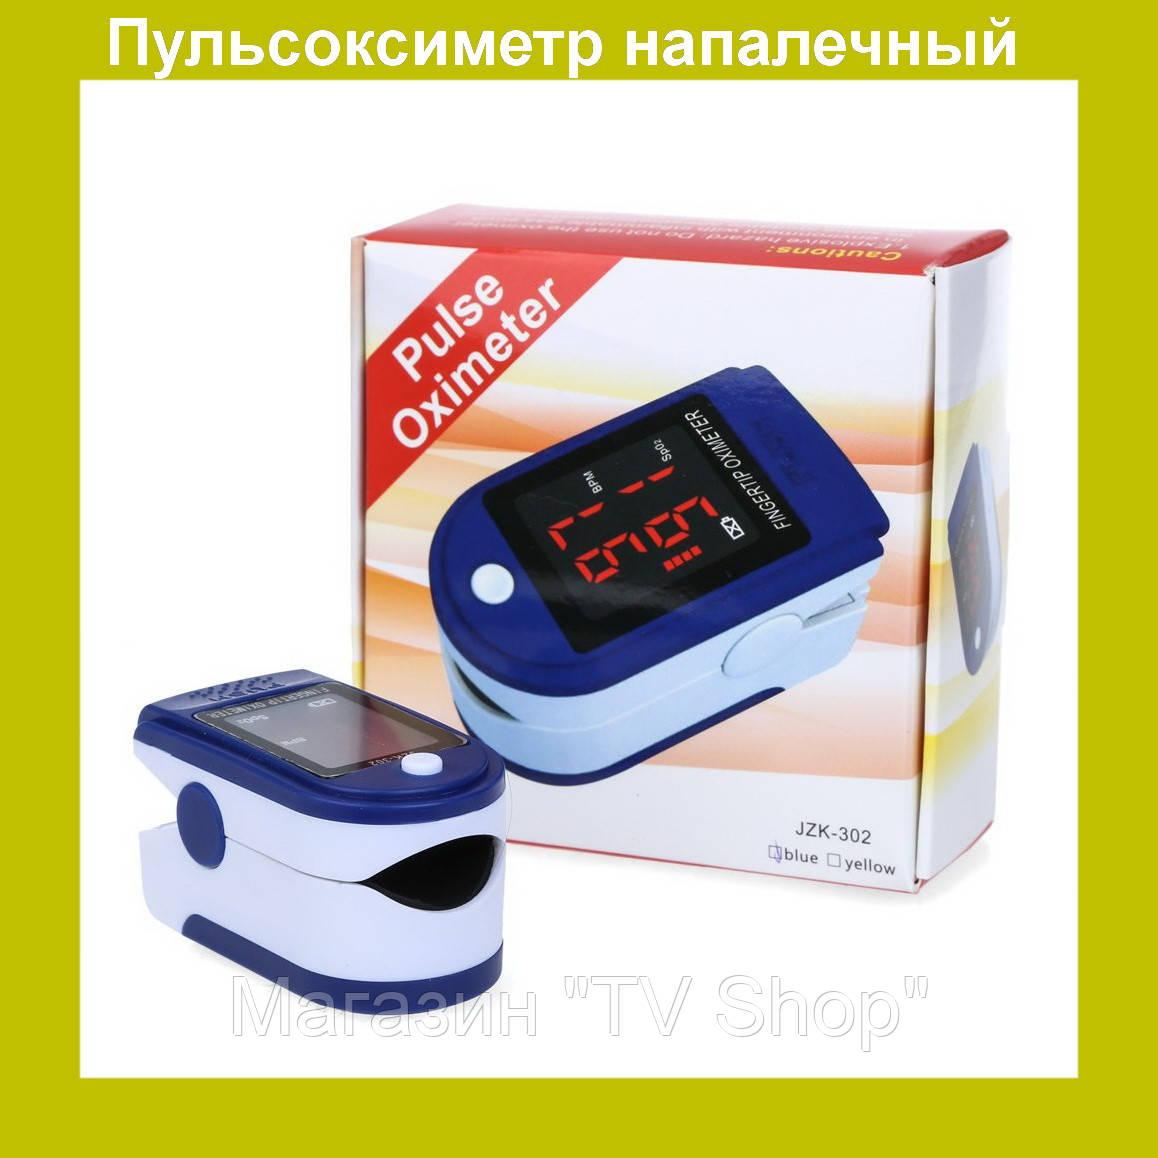 """Пульсоксиметр напалечный Pulse Oximeter JZK-302, прибор для измерения уровня кислорода в крови - Магазин """"TV Shop"""" в Николаеве"""